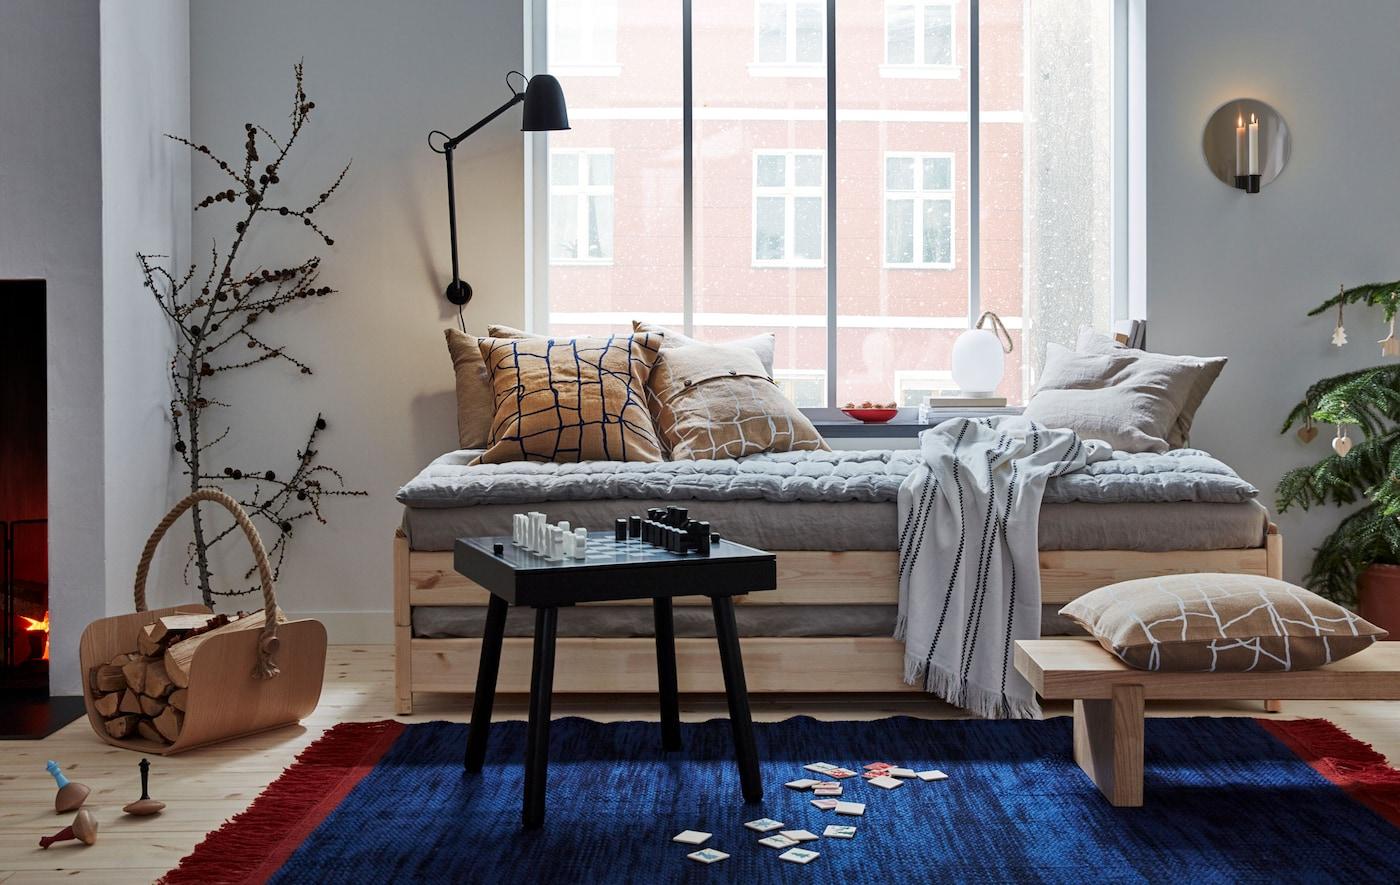 Salón de un apartamento con pocos muebles con una cama apilable bajo la ventana, cojines, textiles, dos mesas de centro y una gran alfombra.